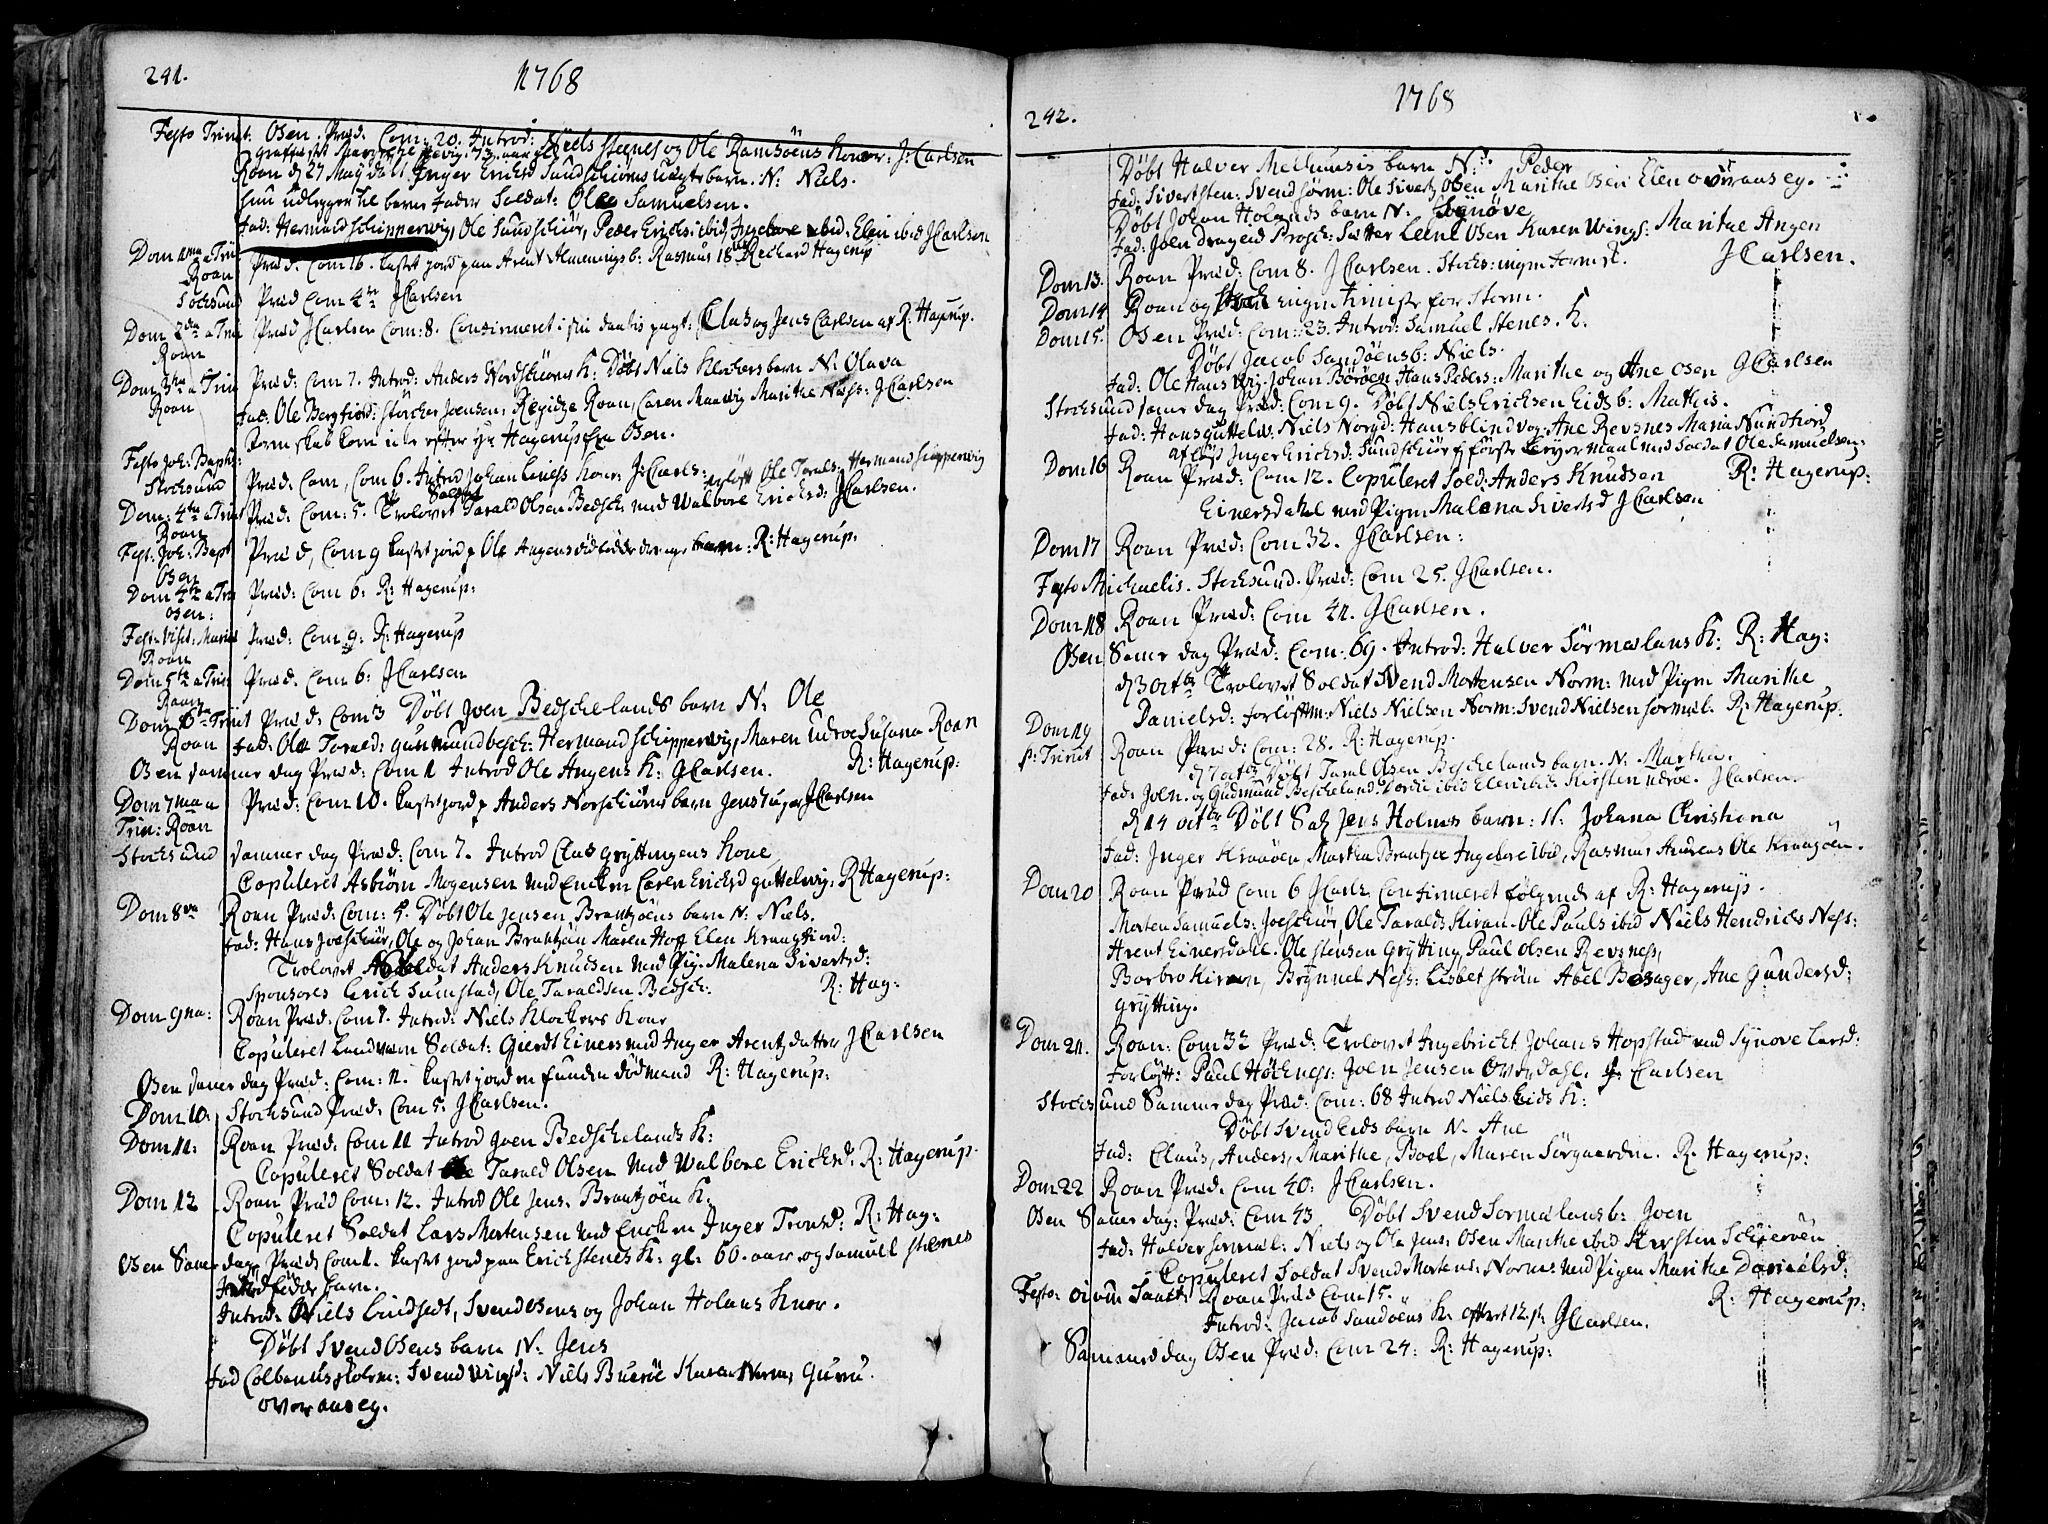 SAT, Ministerialprotokoller, klokkerbøker og fødselsregistre - Sør-Trøndelag, 657/L0700: Ministerialbok nr. 657A01, 1732-1801, s. 241-242